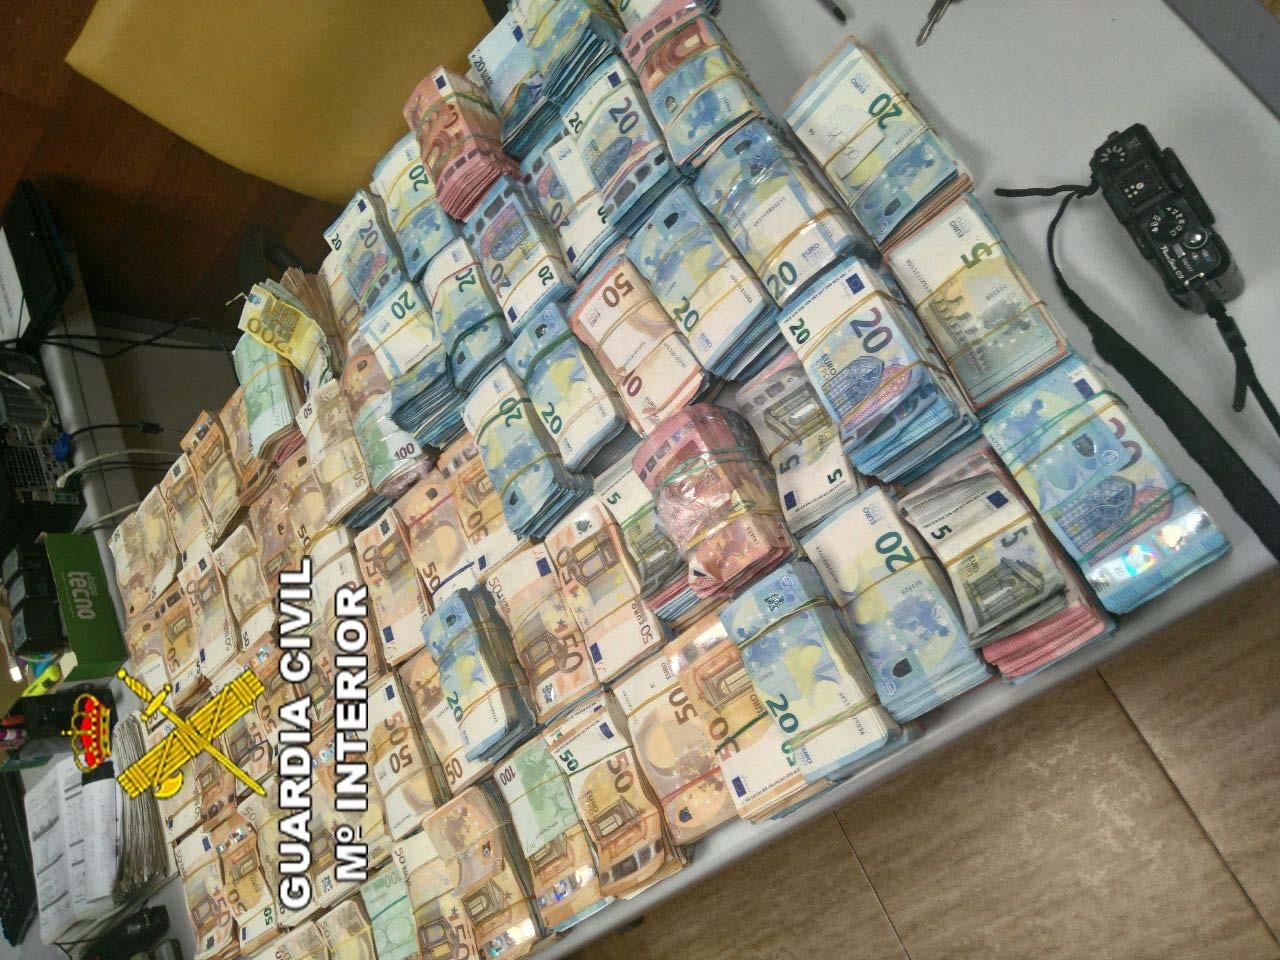 La pobreza de una familia descubierta con un millón de euros en metálico - La Voz de Almería